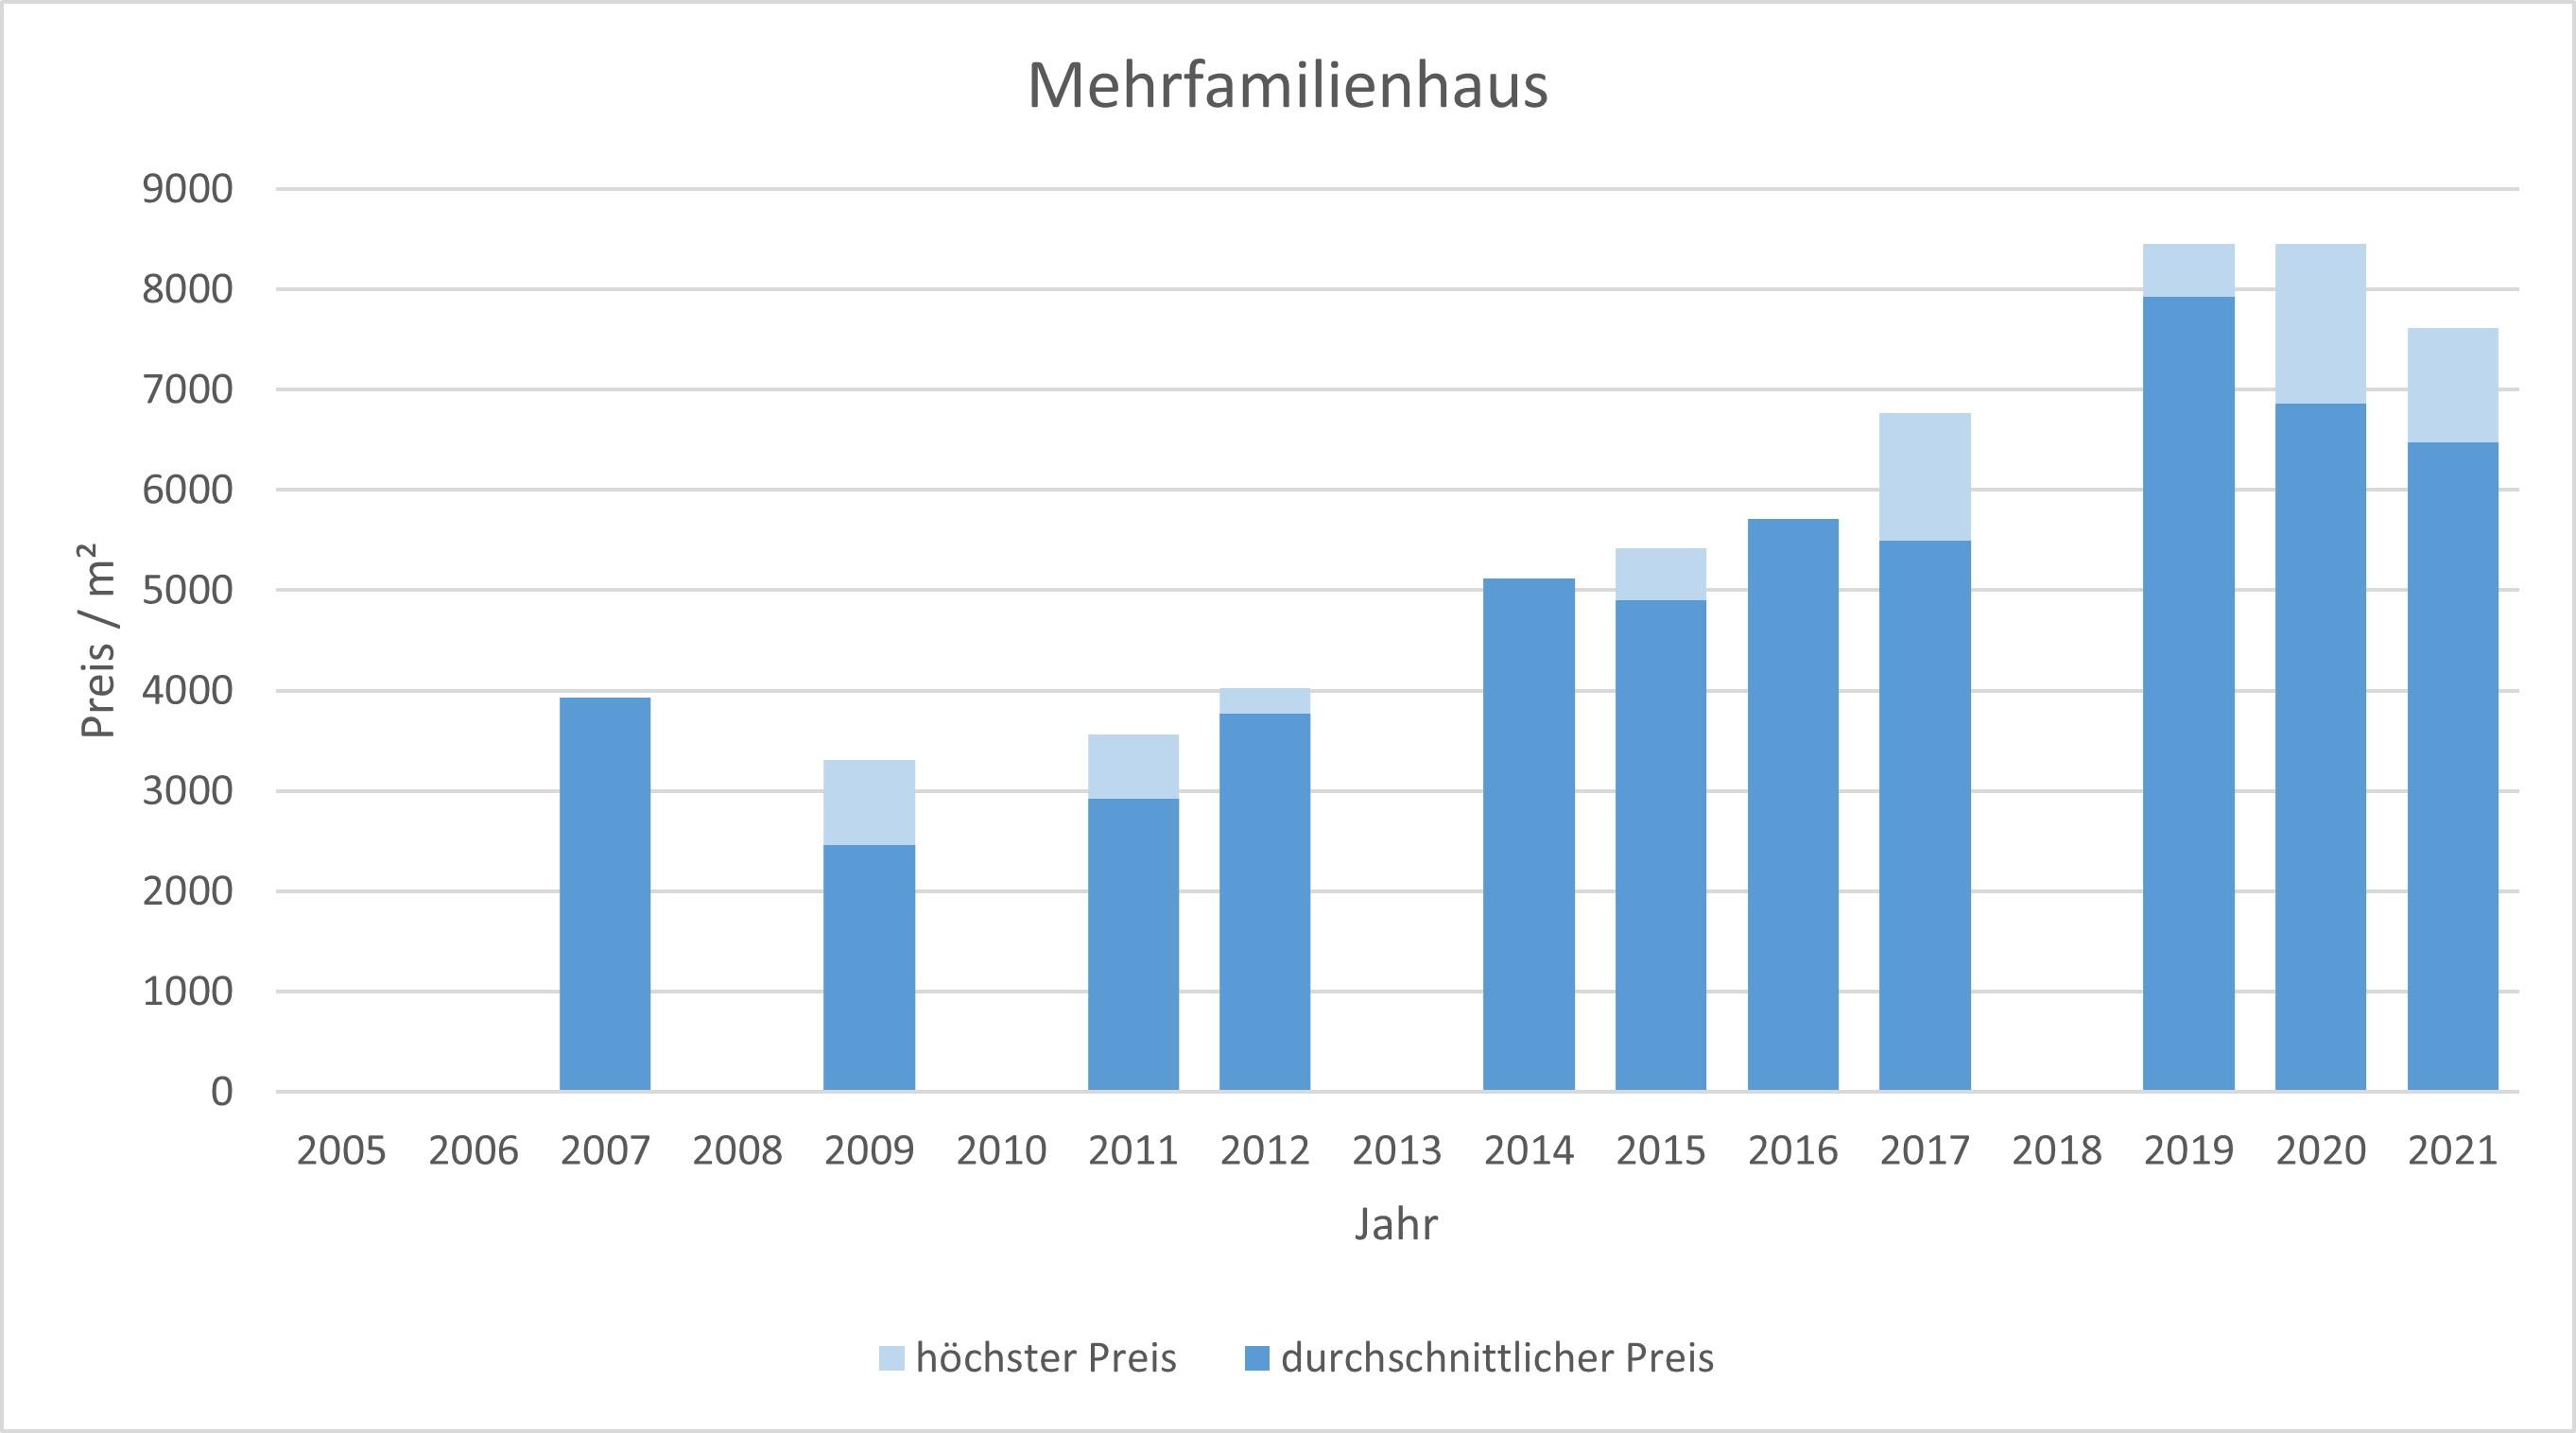 München - Riem Mehrfamilienhaus kaufen verkaufen Preis Bewertung Makler 2019 2020 2021 www.happy-immo.de